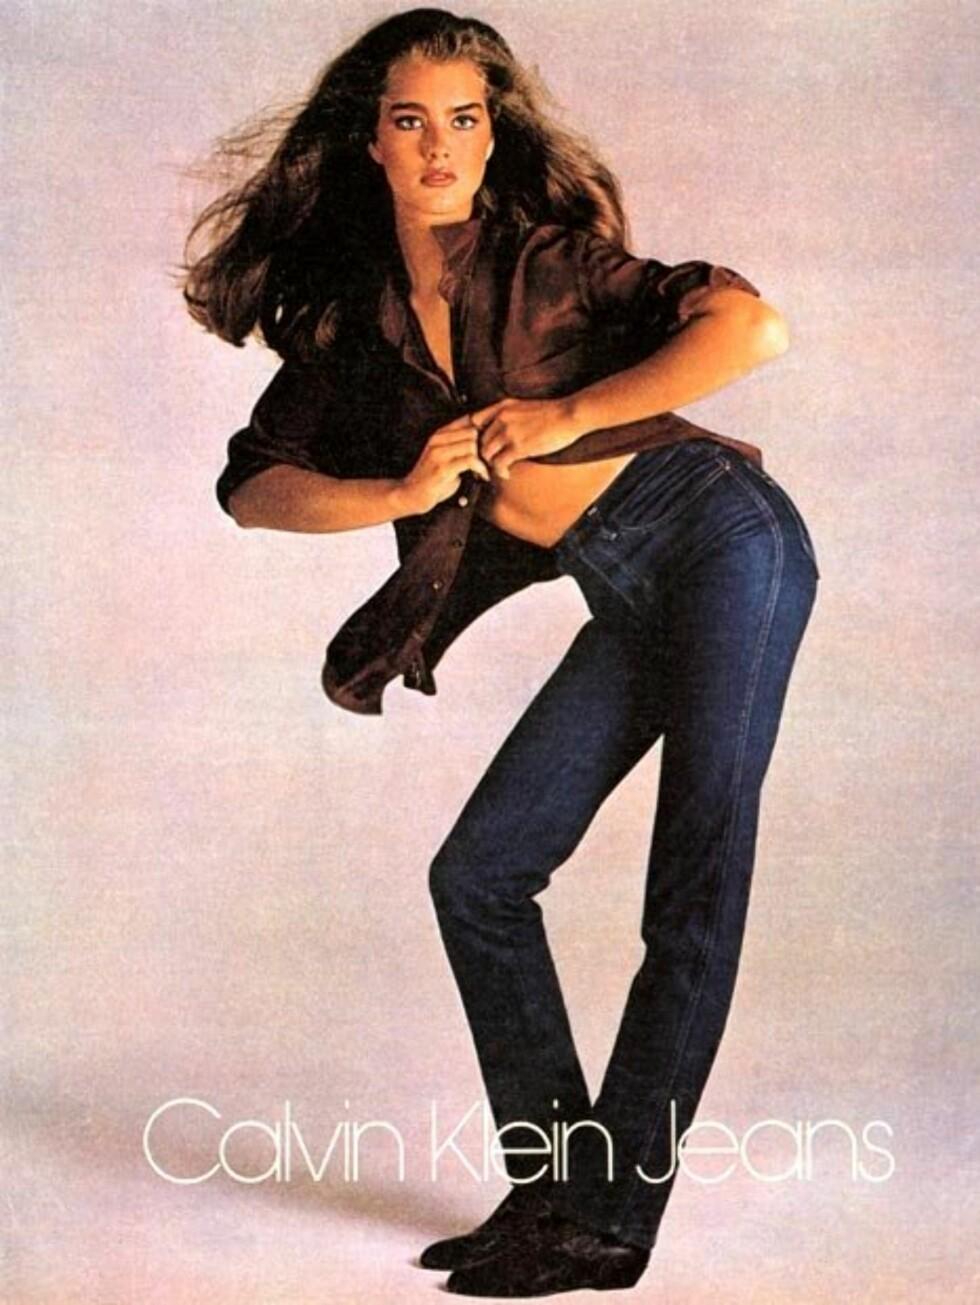 SJOKKERTE: Brooke Shields var bare 15 år gammel da dette bildet ble tatt. Foto: Faksimile